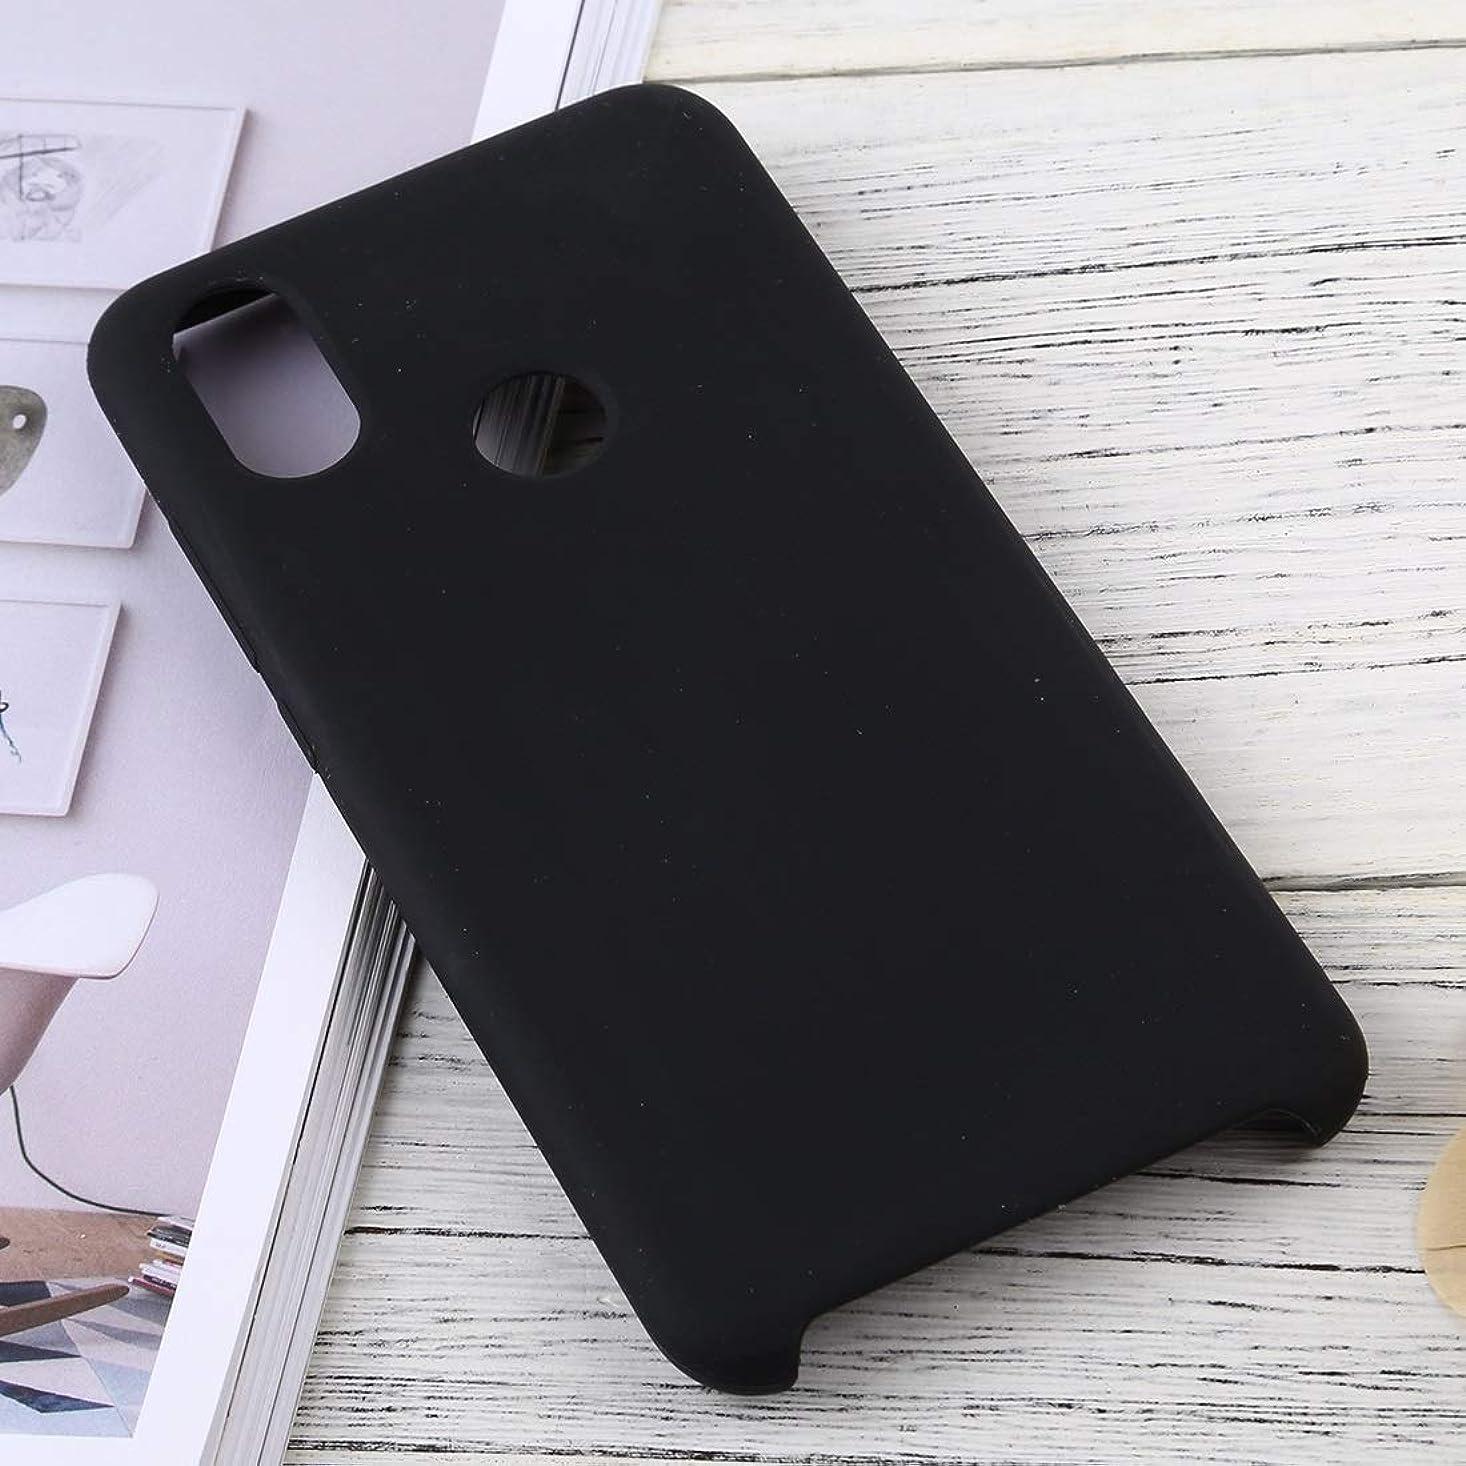 教えてリフレッシュ松小米科技ミ6Xソリッドカラー液状シリコーンDropproof保護ケースのための携帯電話ケース brand:TONWIN (Color : Black)